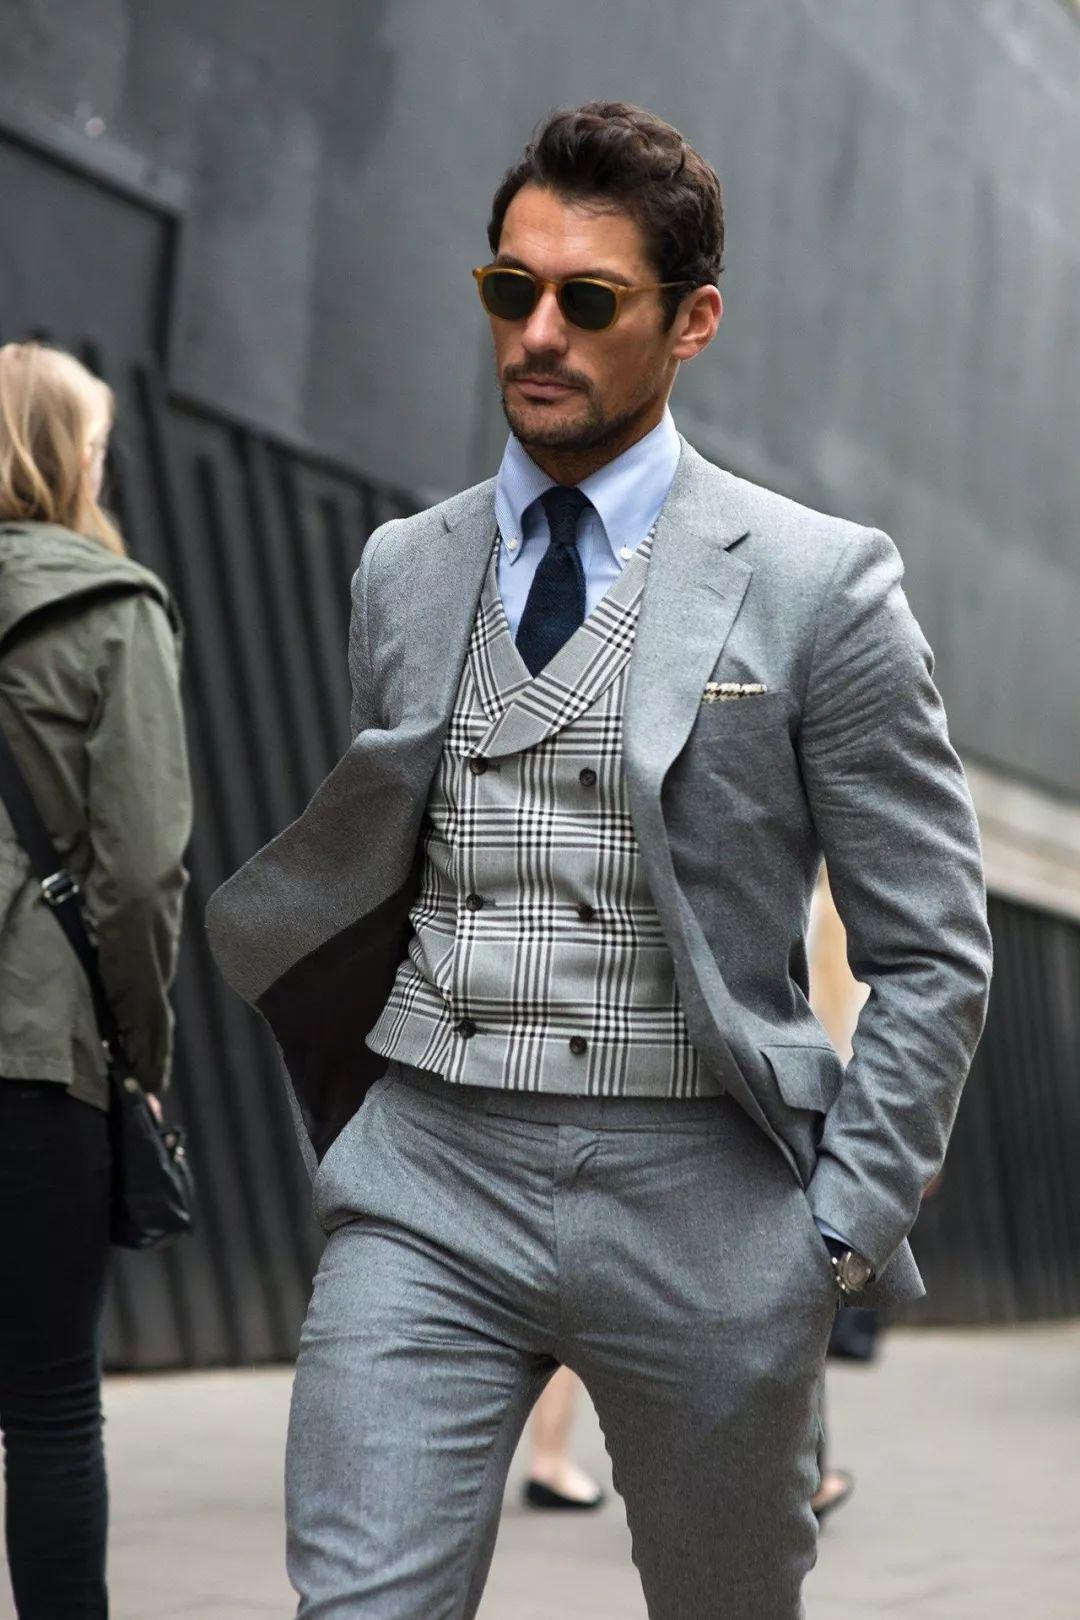 单排扣的好,被姑娘单手解过西装才知道丨绅装老爷会